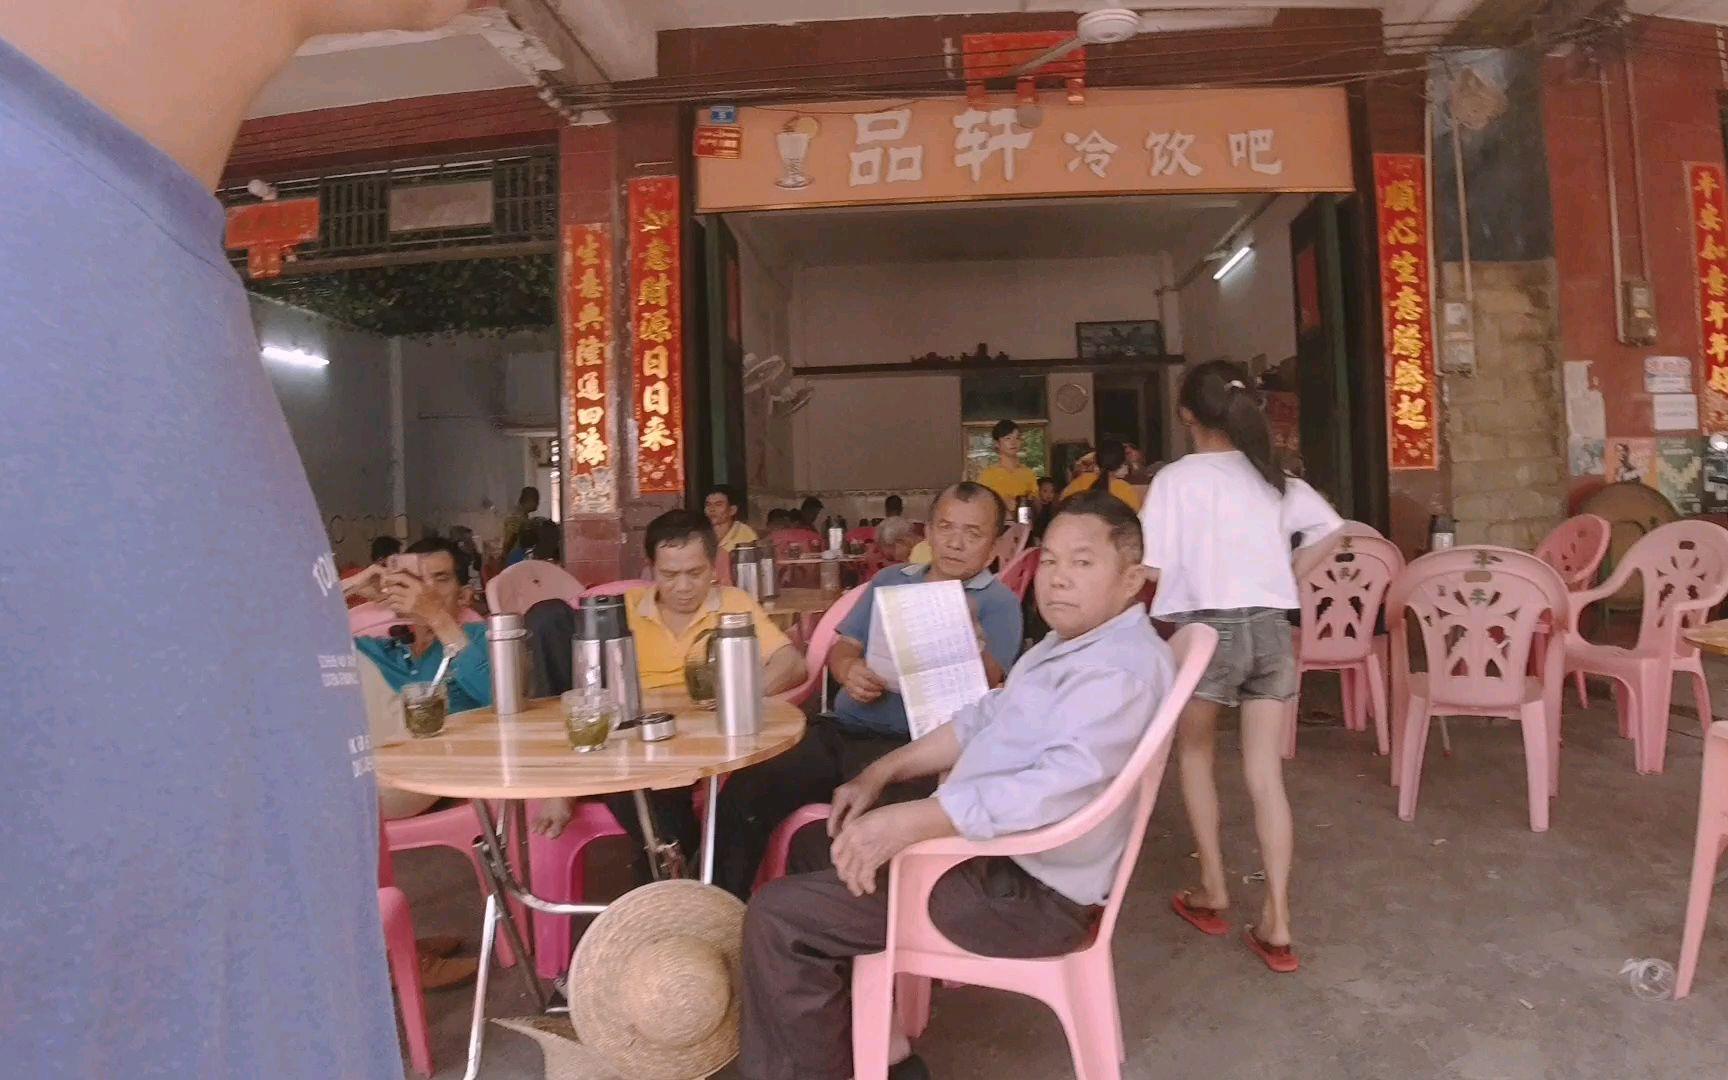 海南人白天就喝茶聊天,年收入还有几十万?